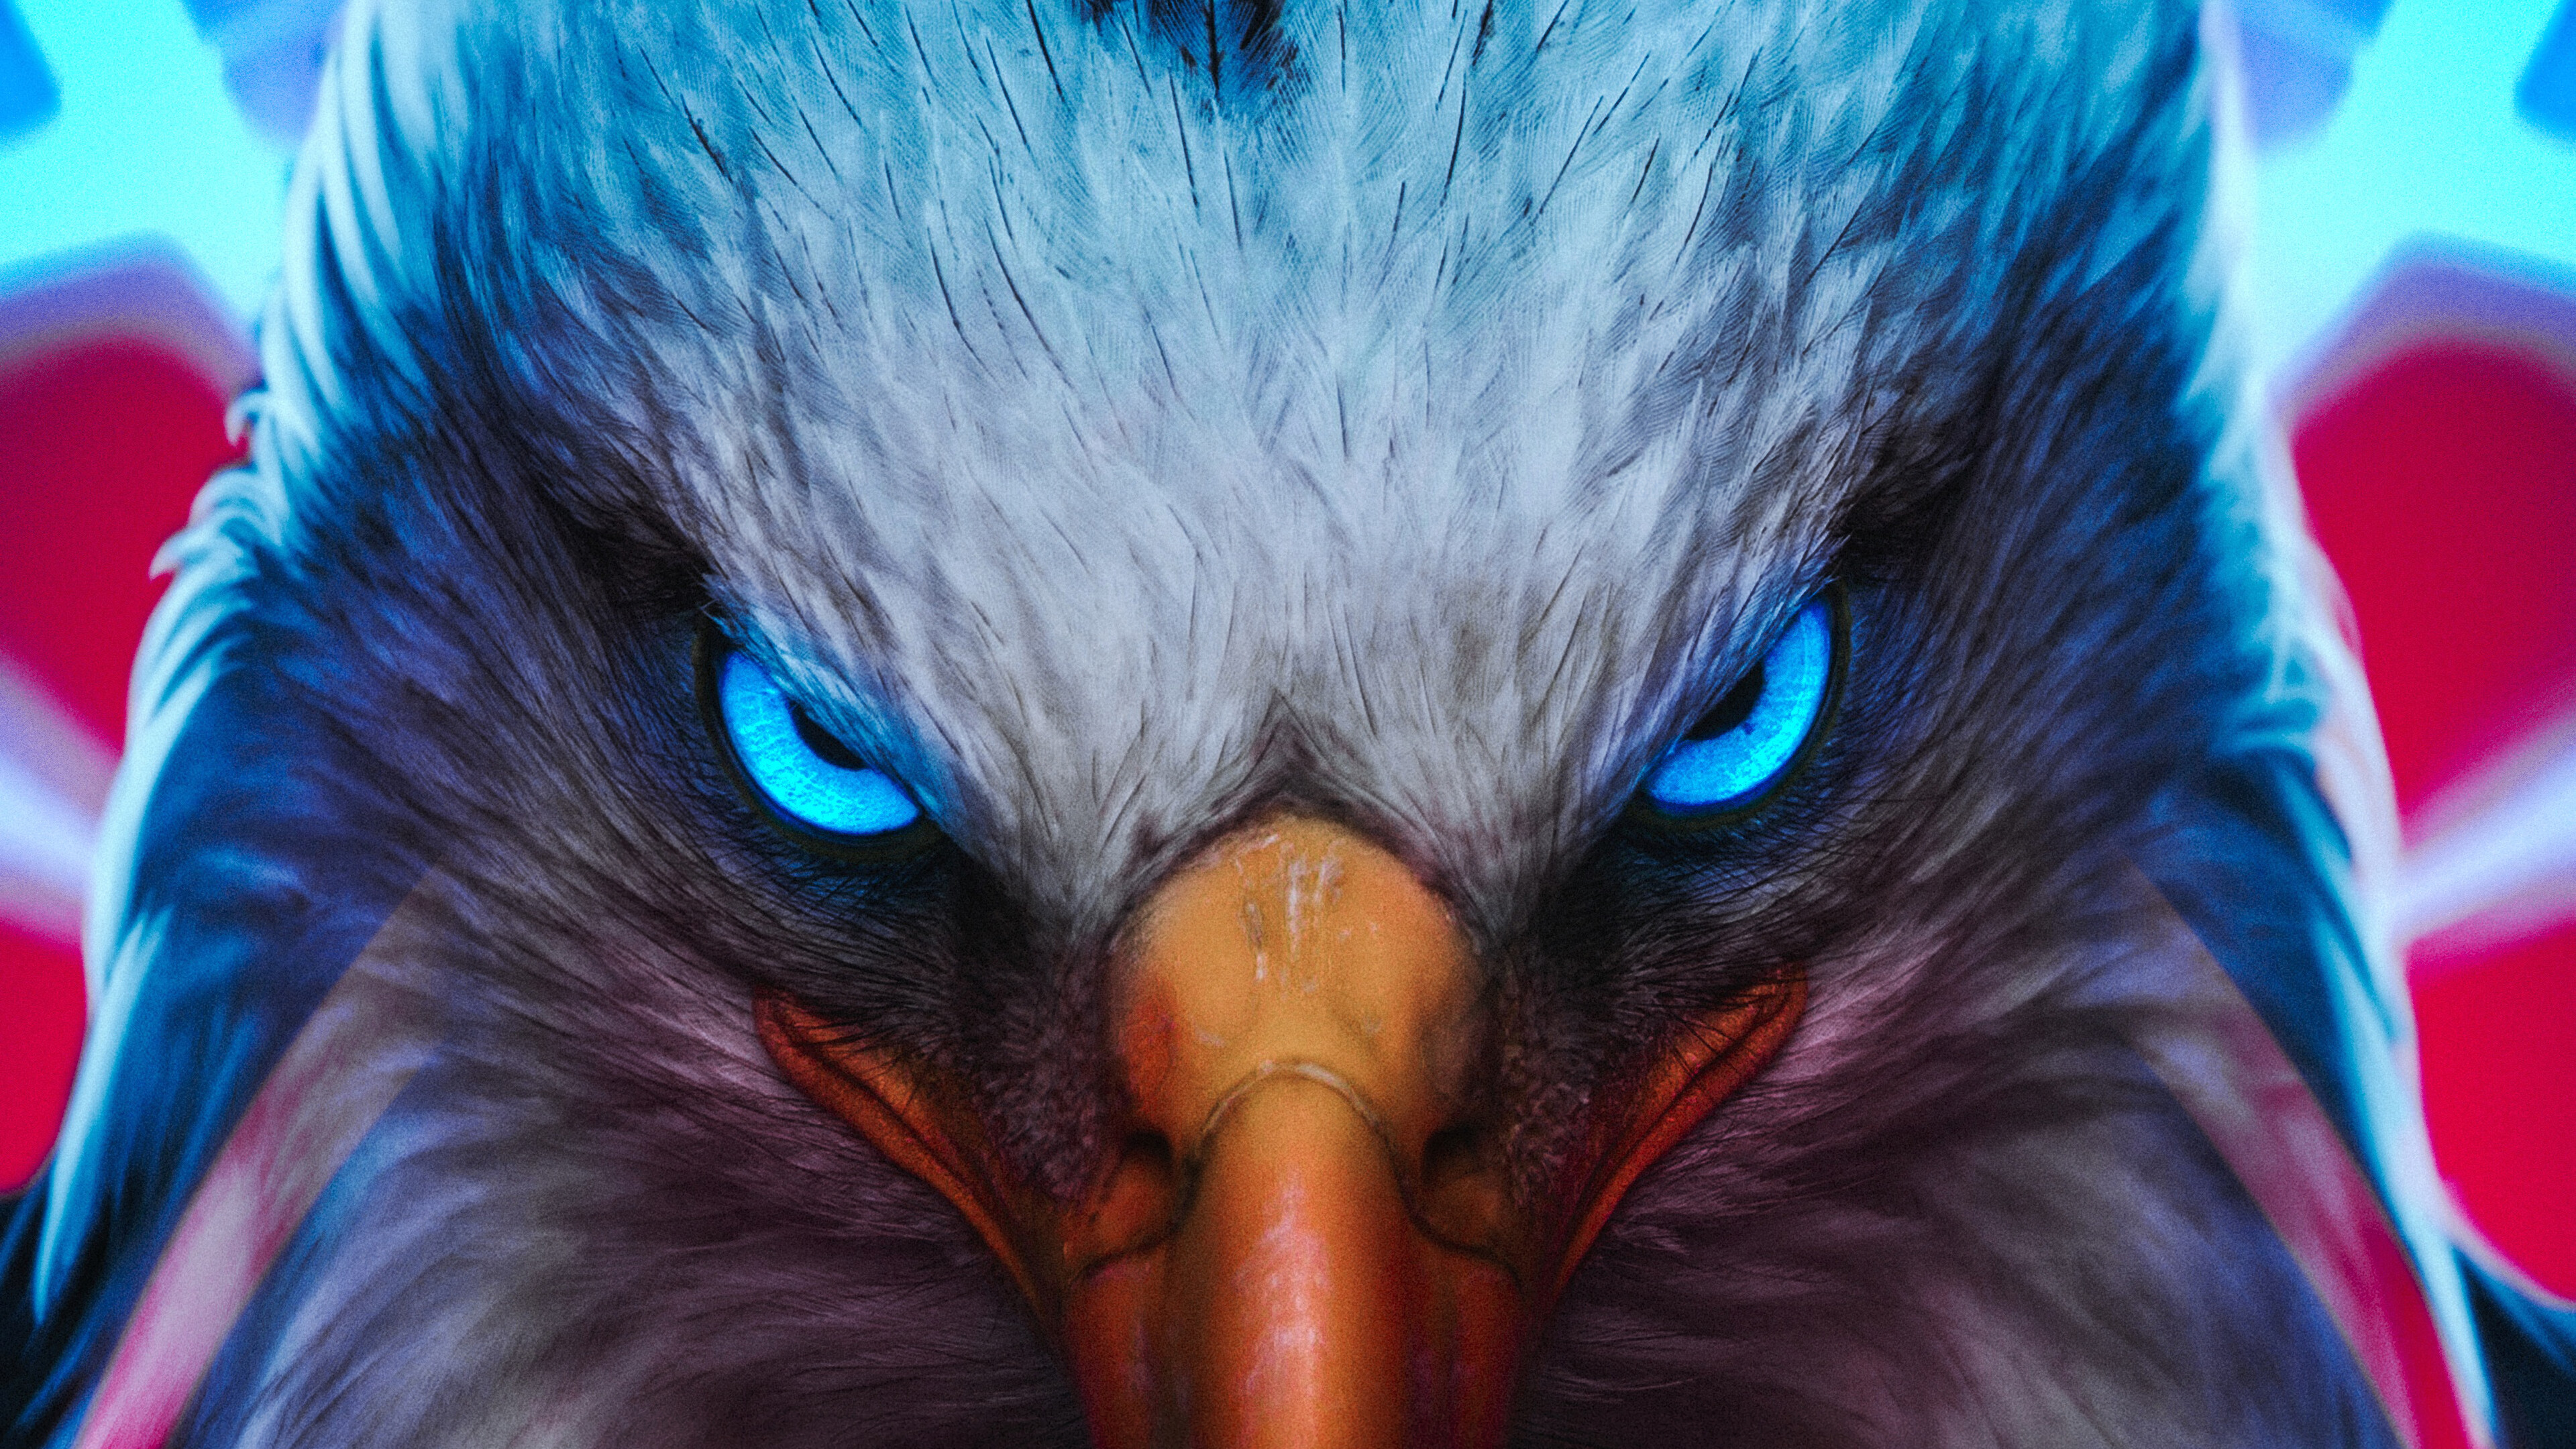 Fondos de pantalla Aguila Artwork